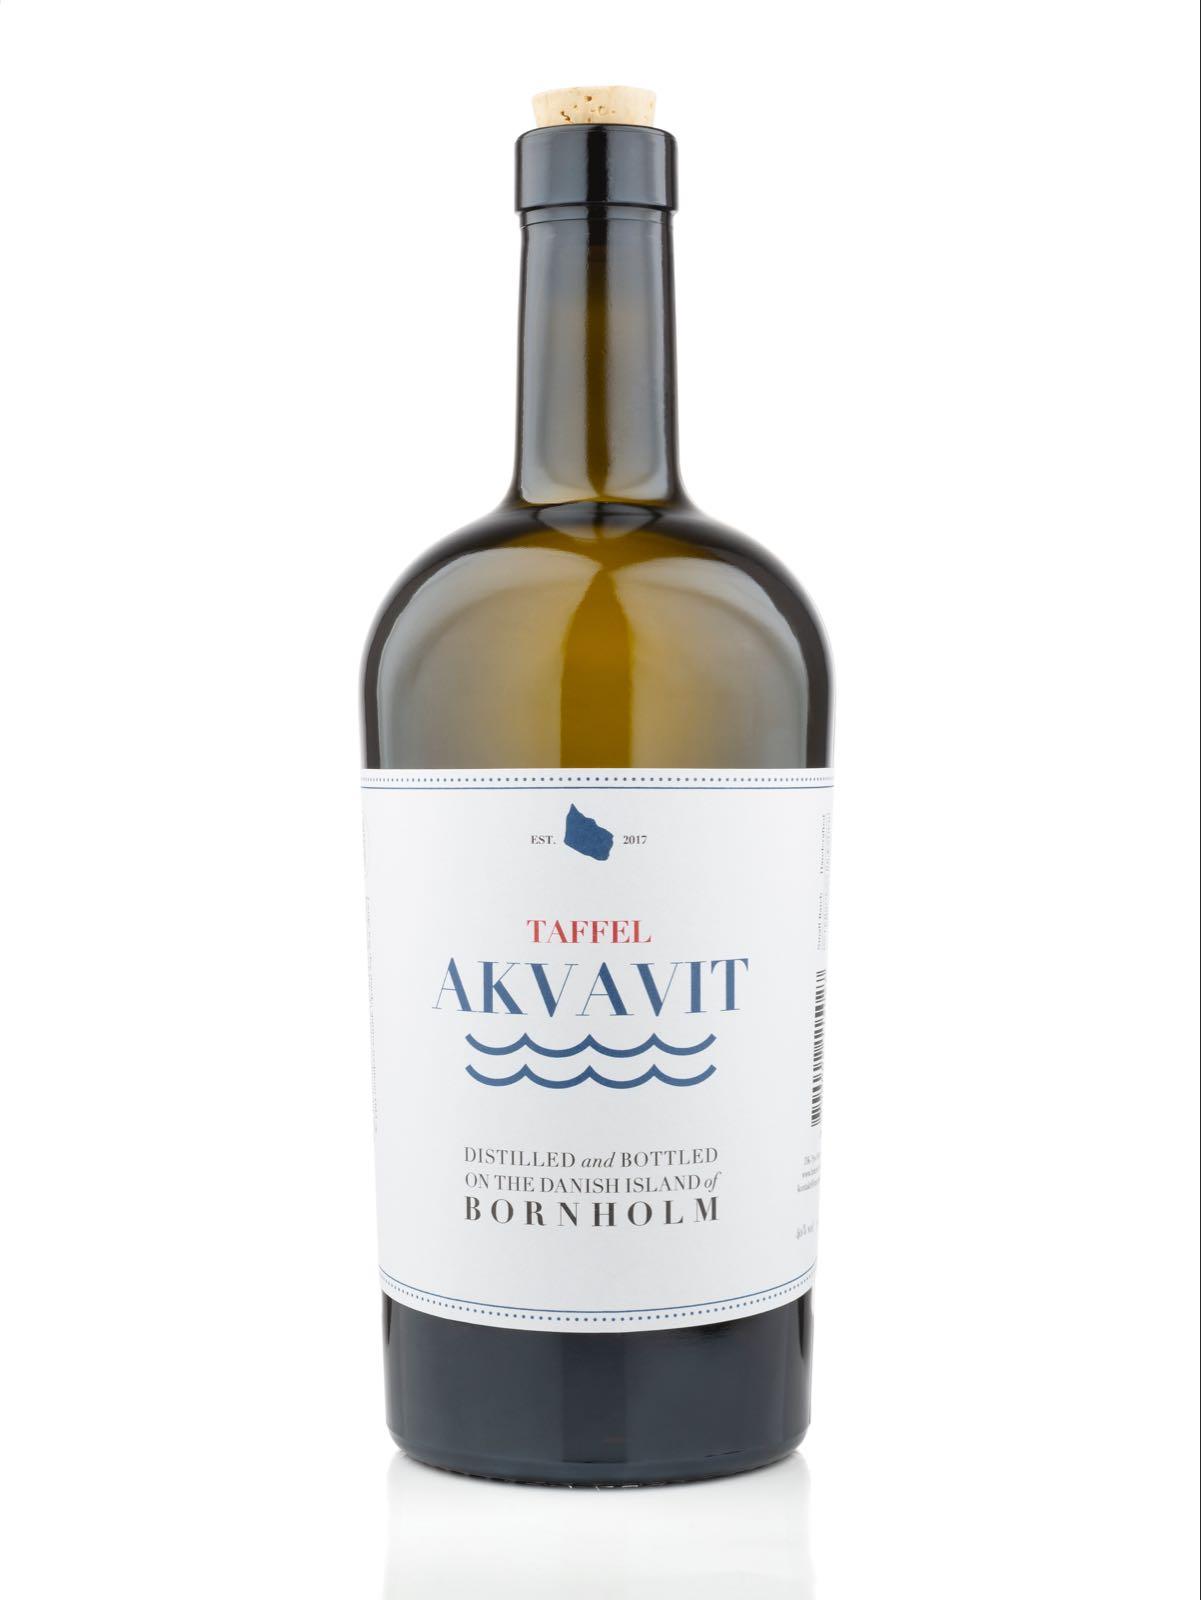 Taffel Akvavit